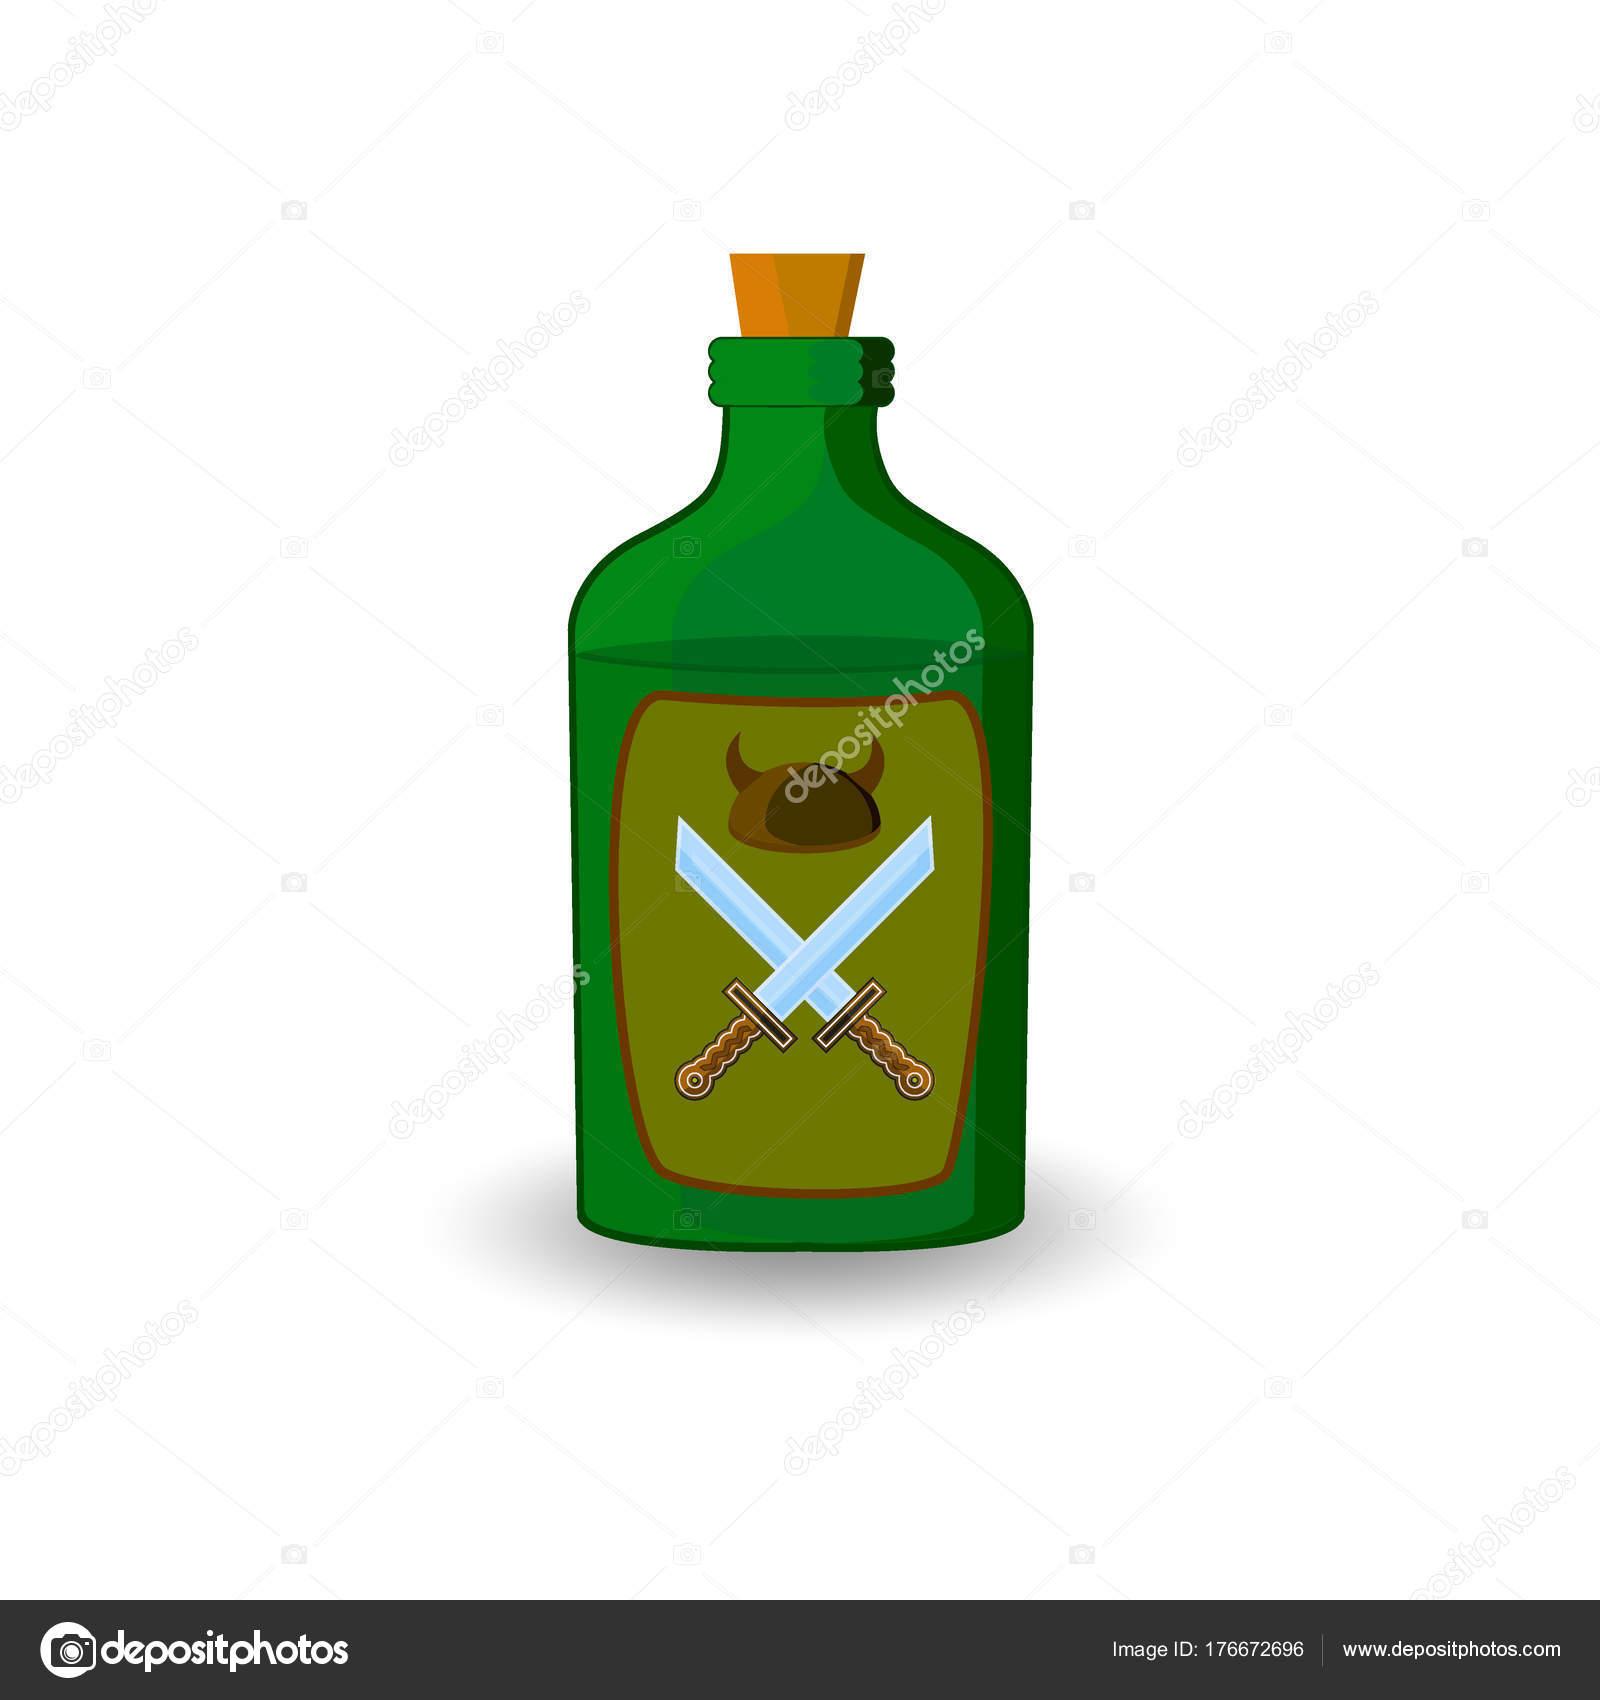 Helmint kezelés rókagombával és alkohollal Helmint kezelés